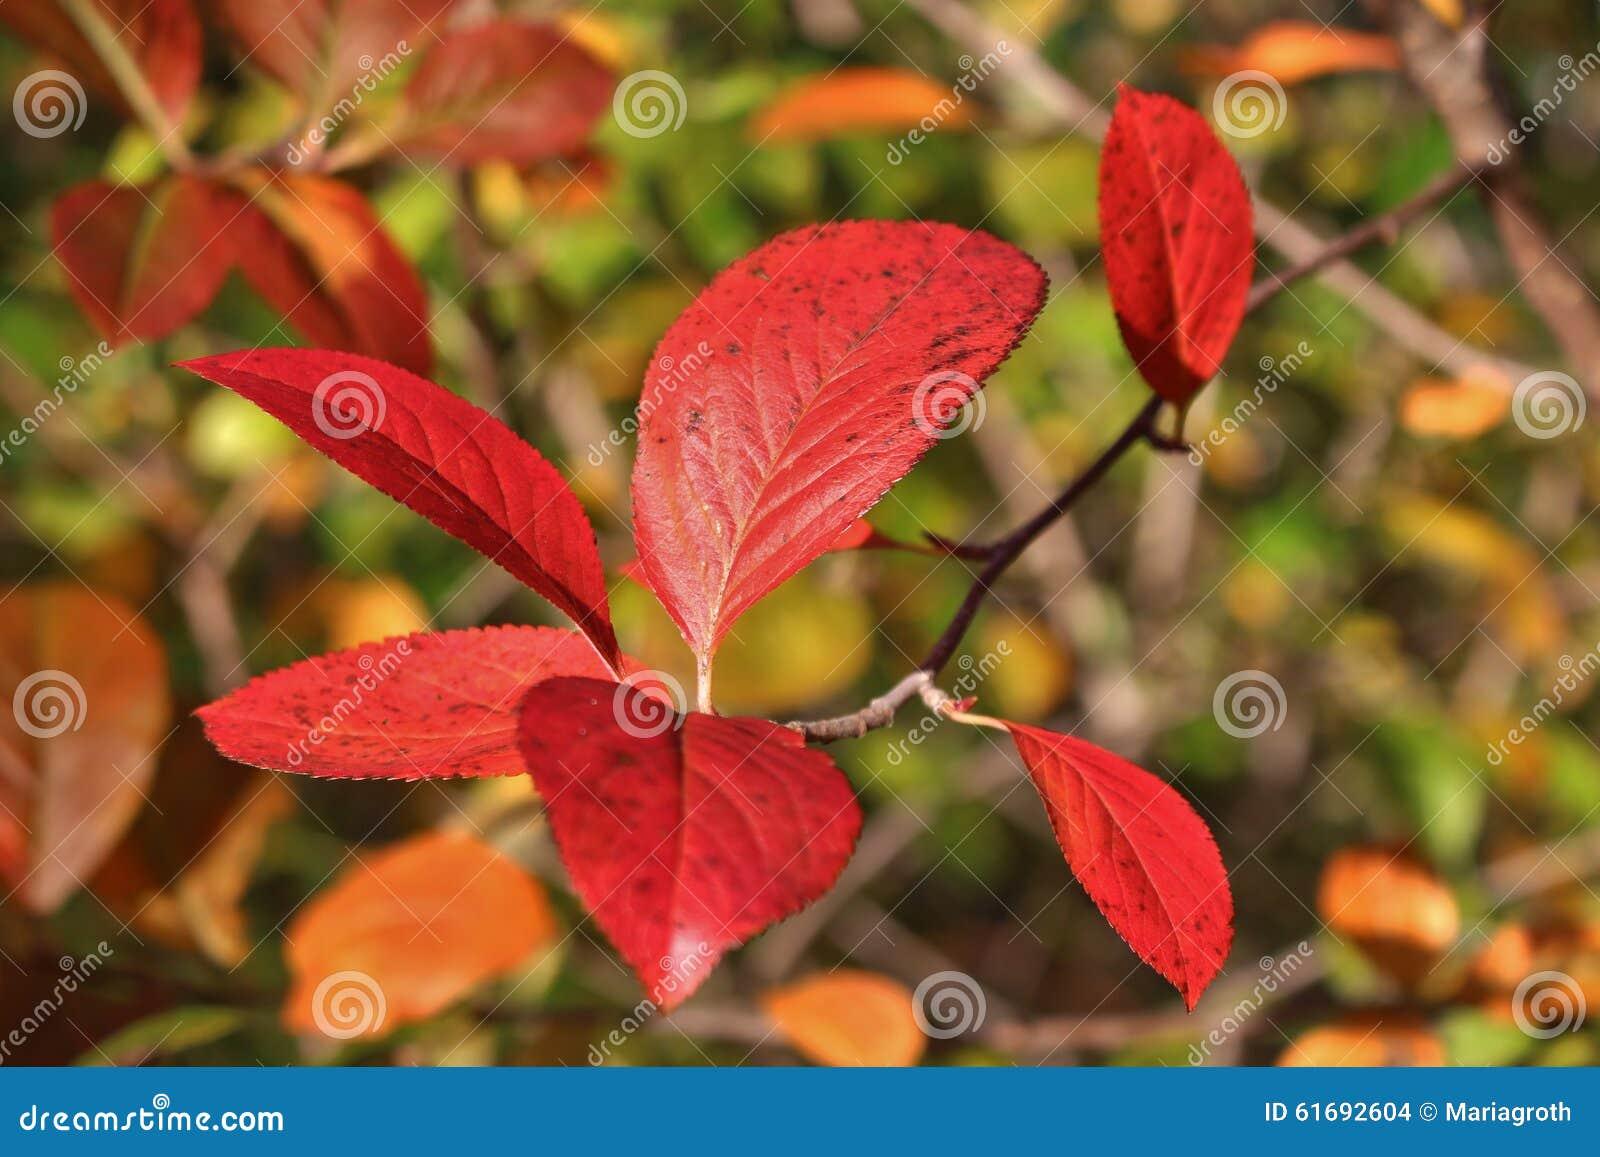 Een struik met rode bladeren stock foto afbeelding 61692604 - Bush architectuur ...